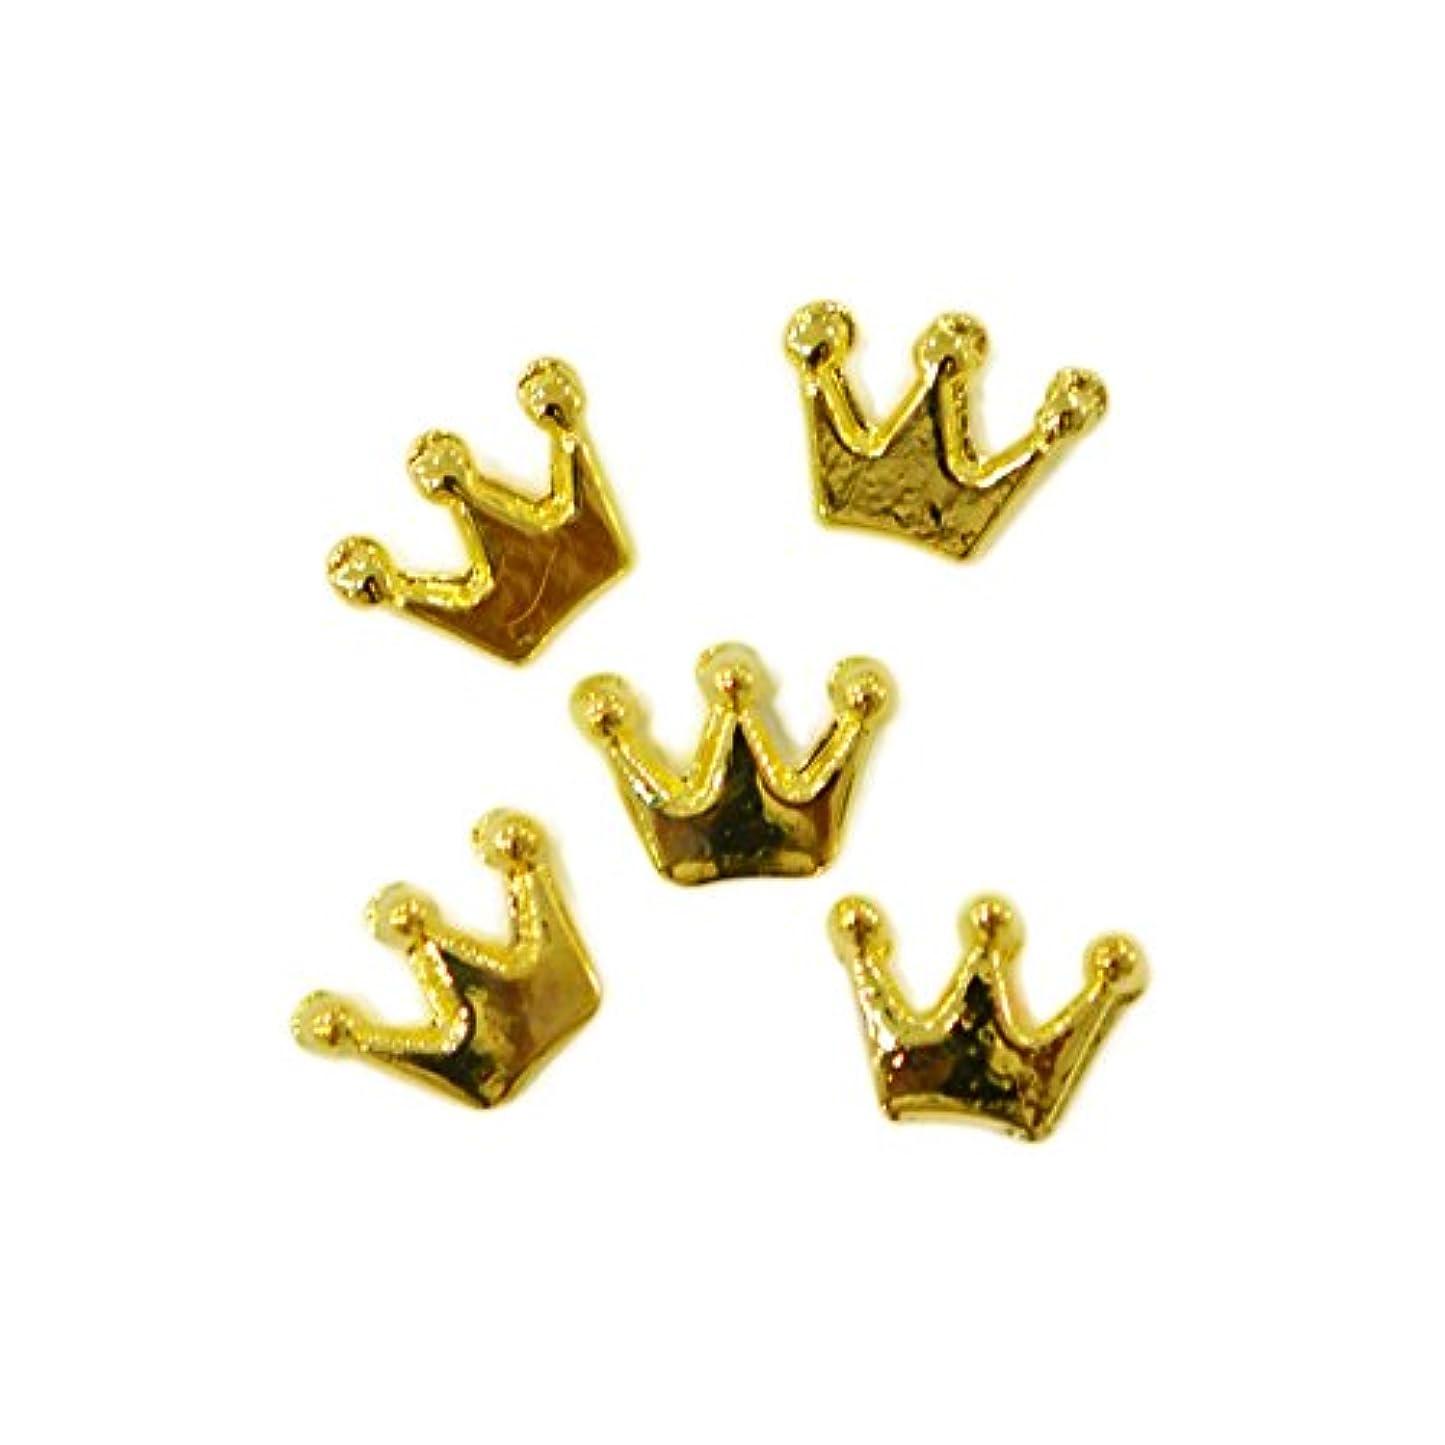 タブレットリーリファインメタルパーツ crown 6mm×4mm ゴールド 5個 MP10158 王冠